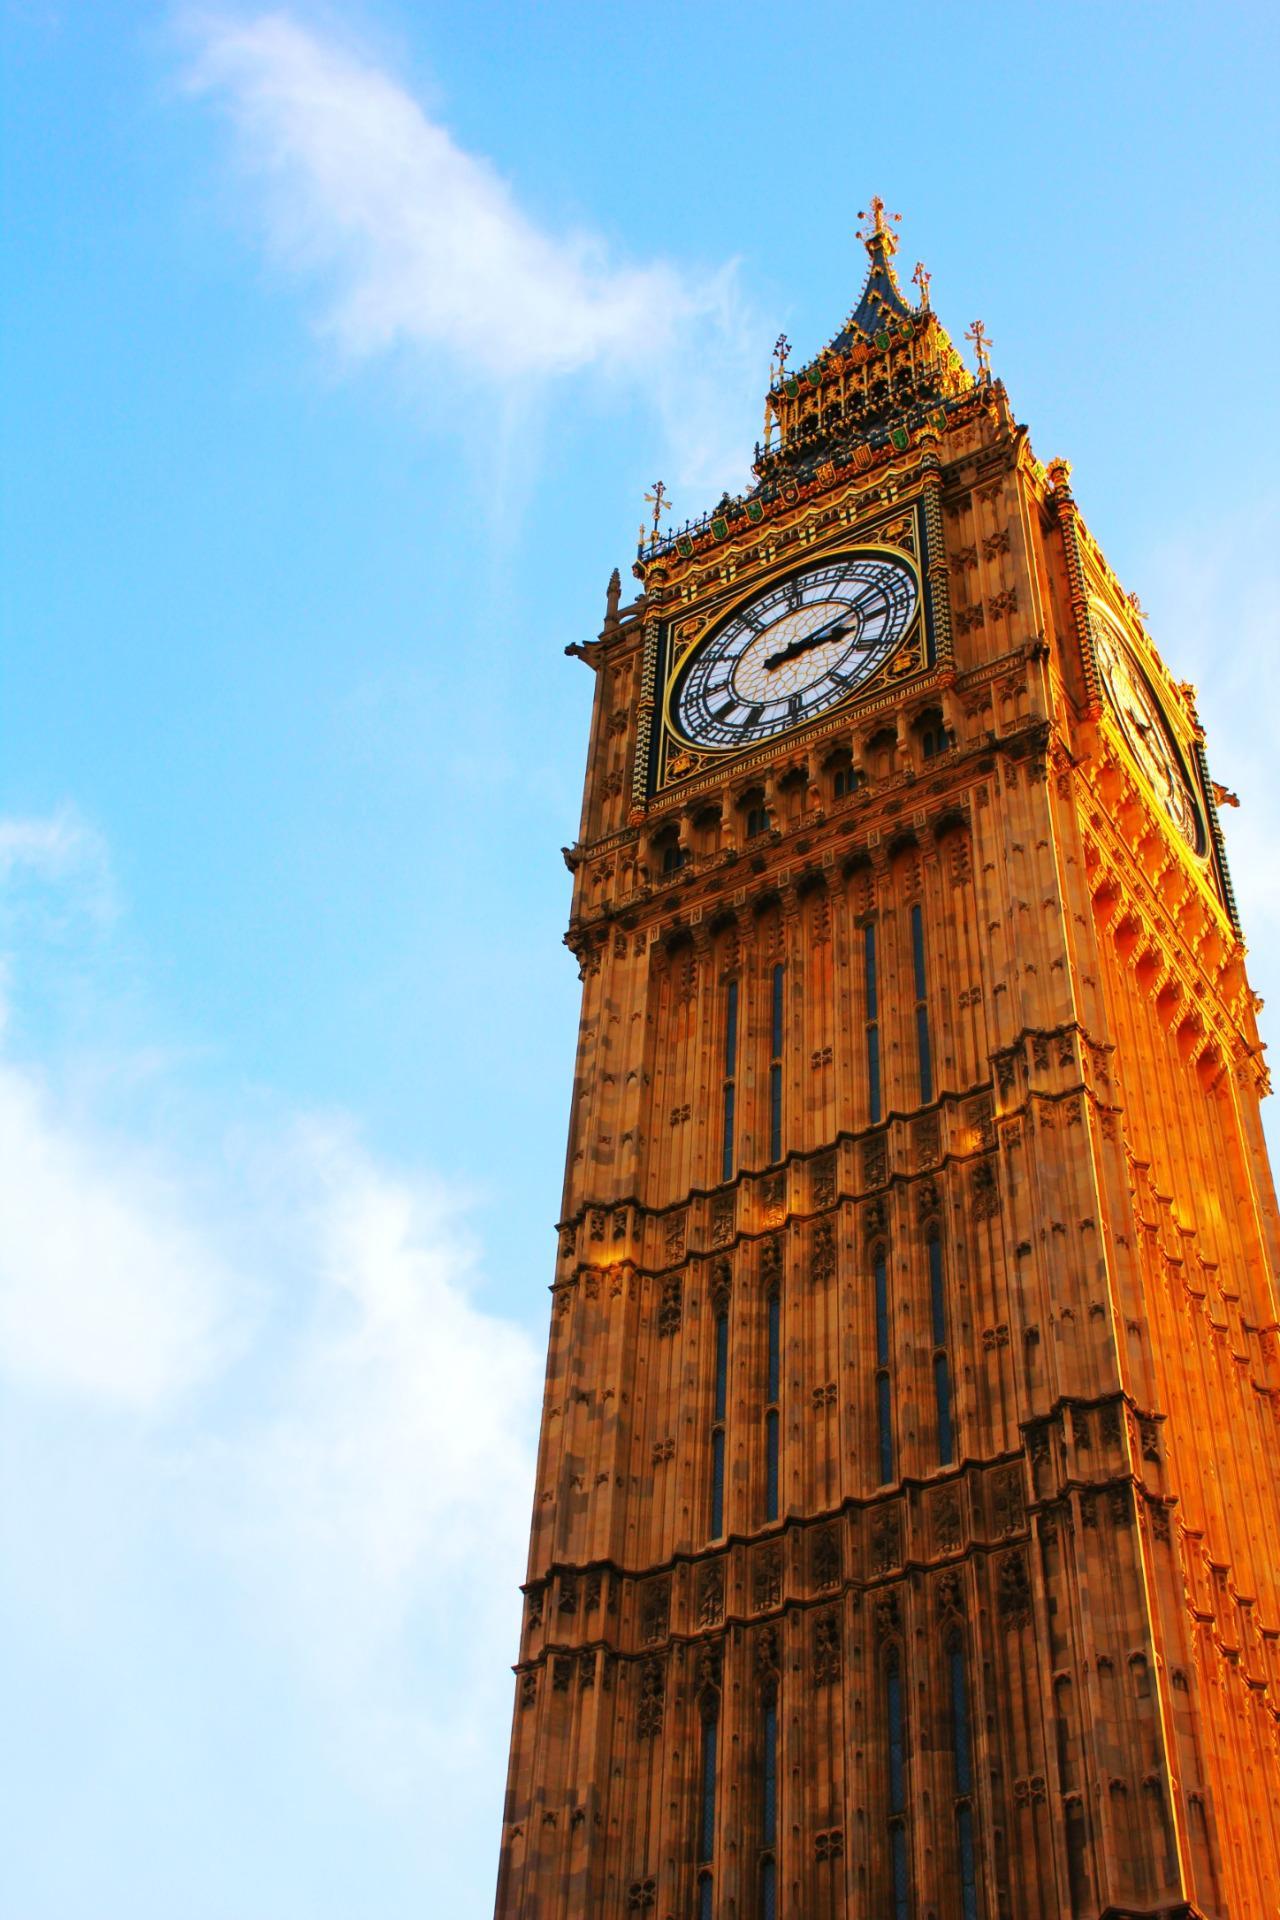 bigben london england tower